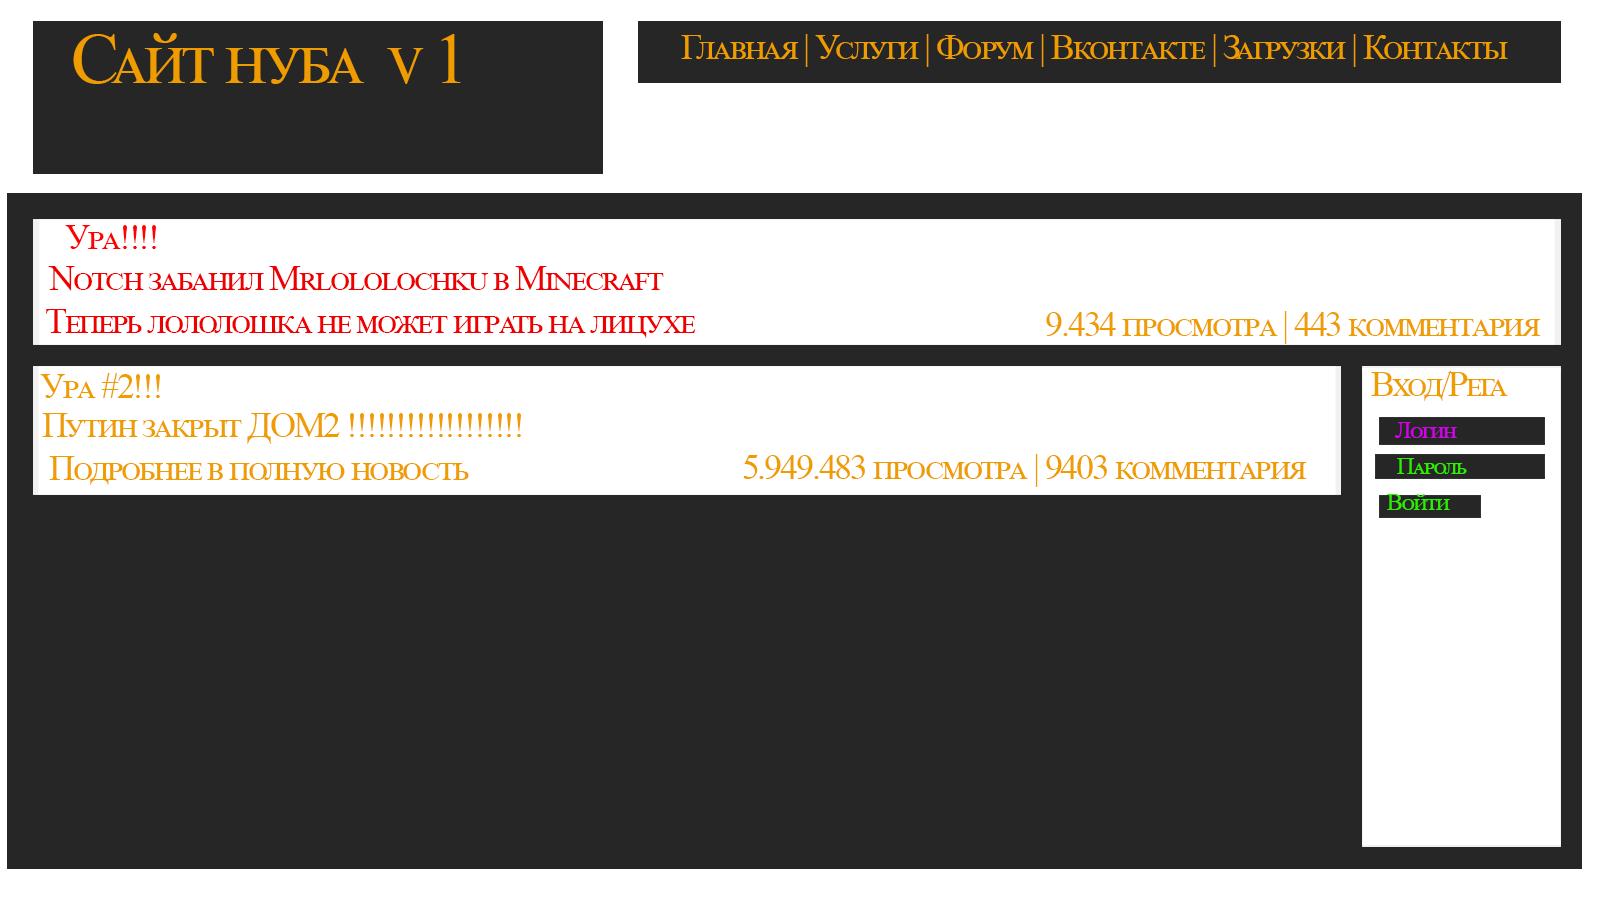 шаблоны сайтов бесплатно на русском: